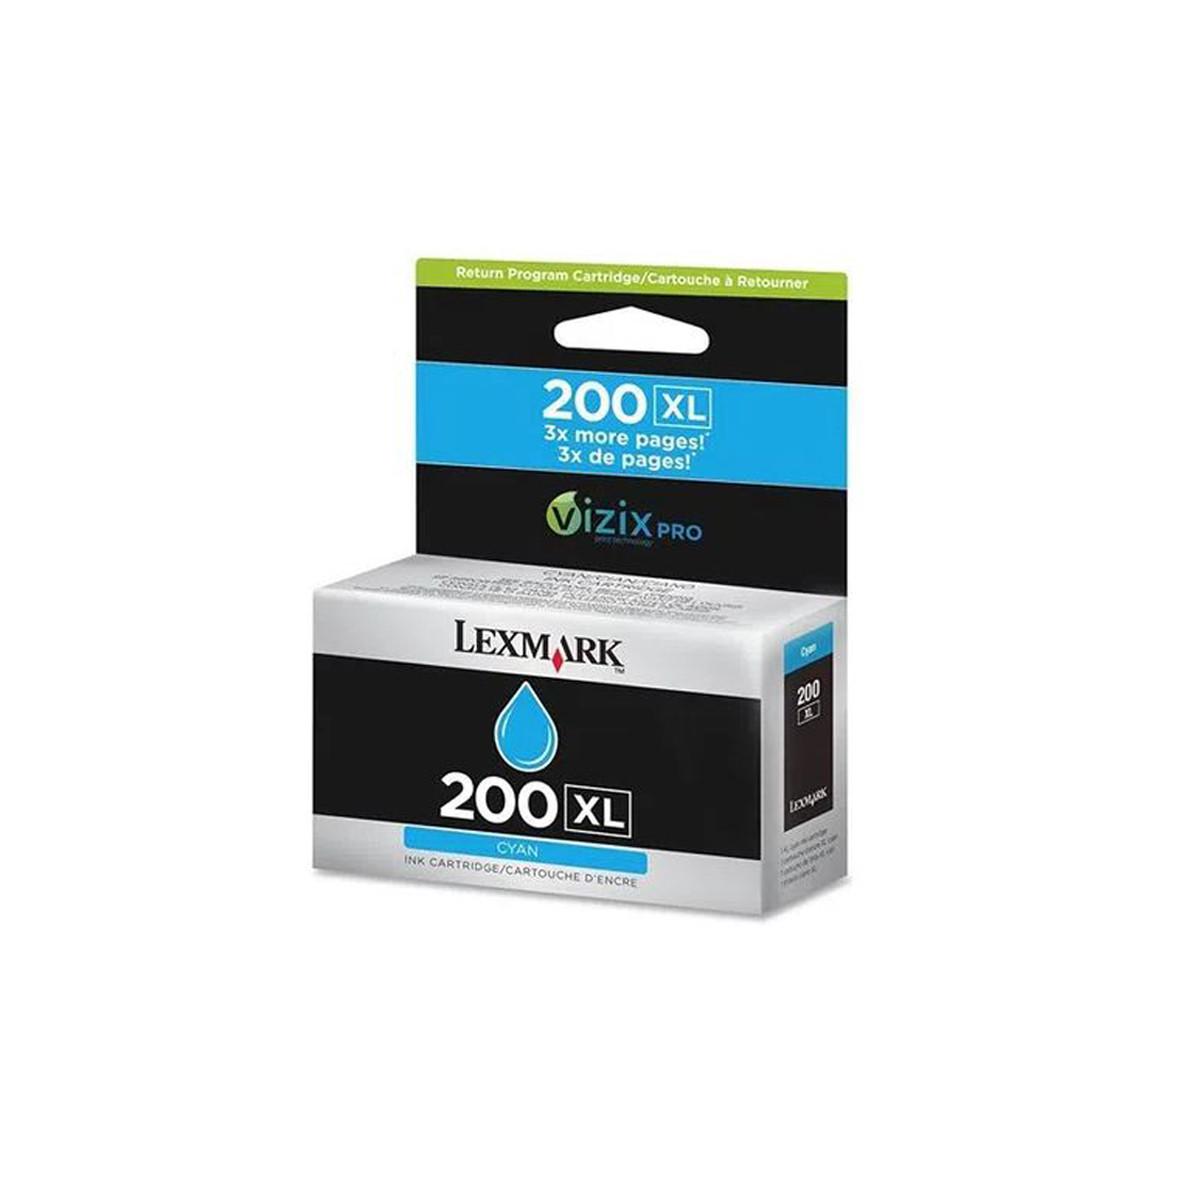 Cartucho de Tinta Lexmark 200XL 14L0175 Ciano   Pro 5500 Pro 5500T Pro 4000   Original 30,5ml